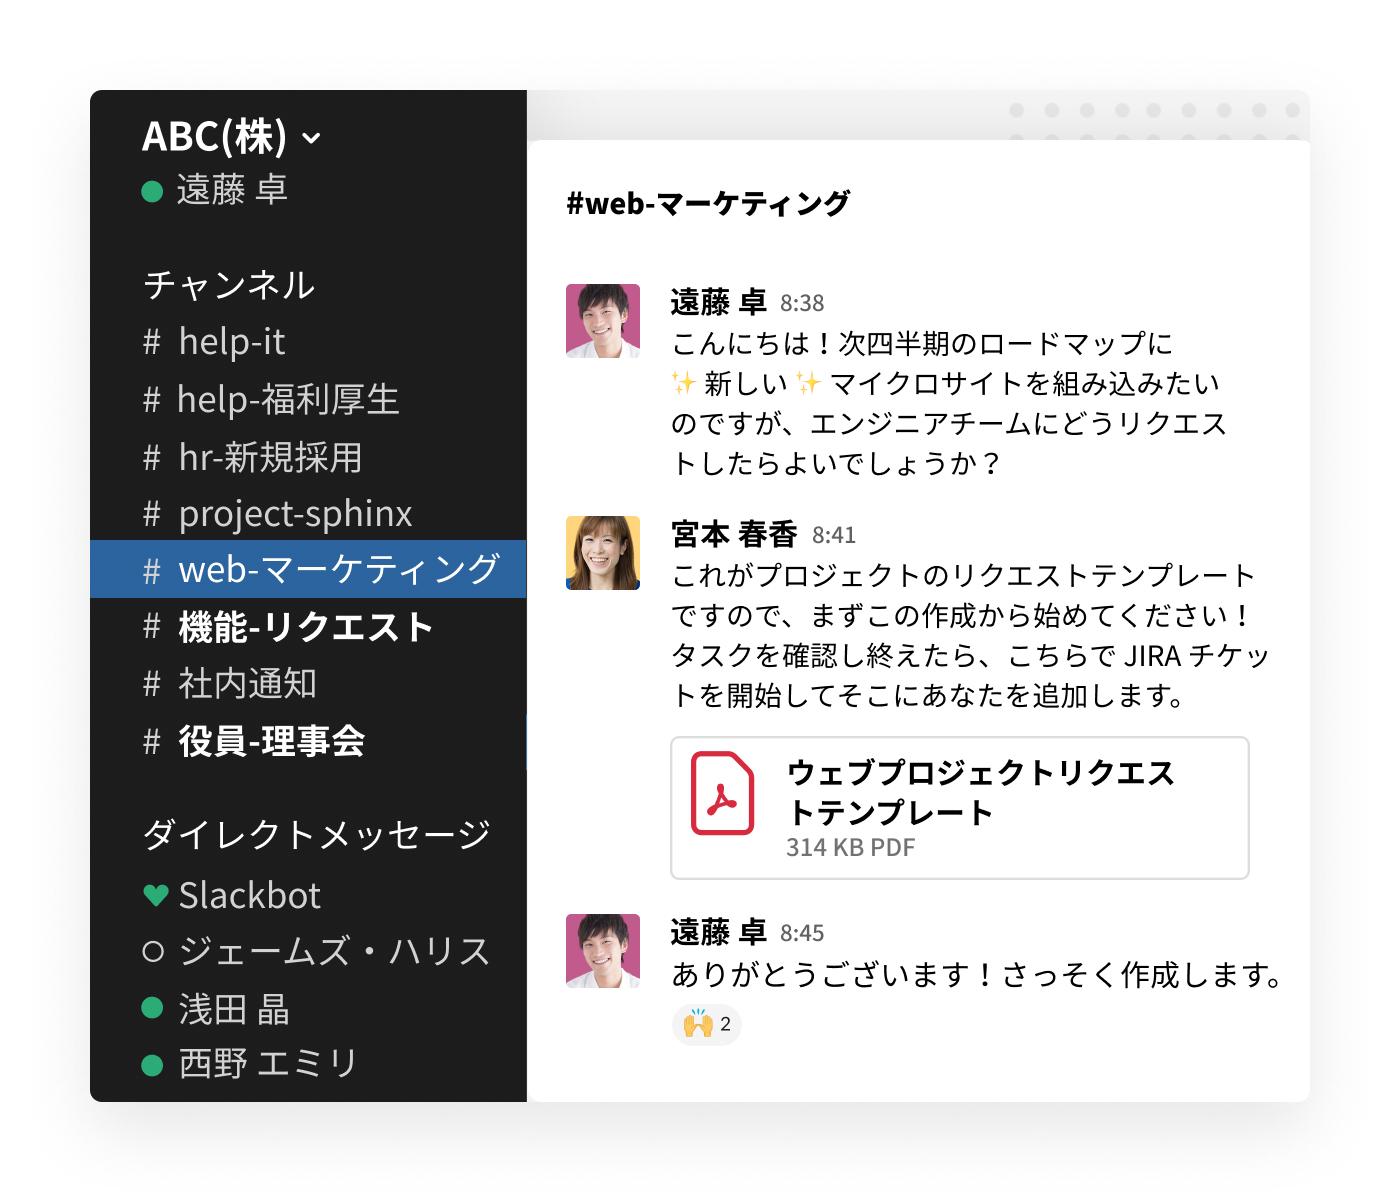 Slack でのプロジェクトキックオフ